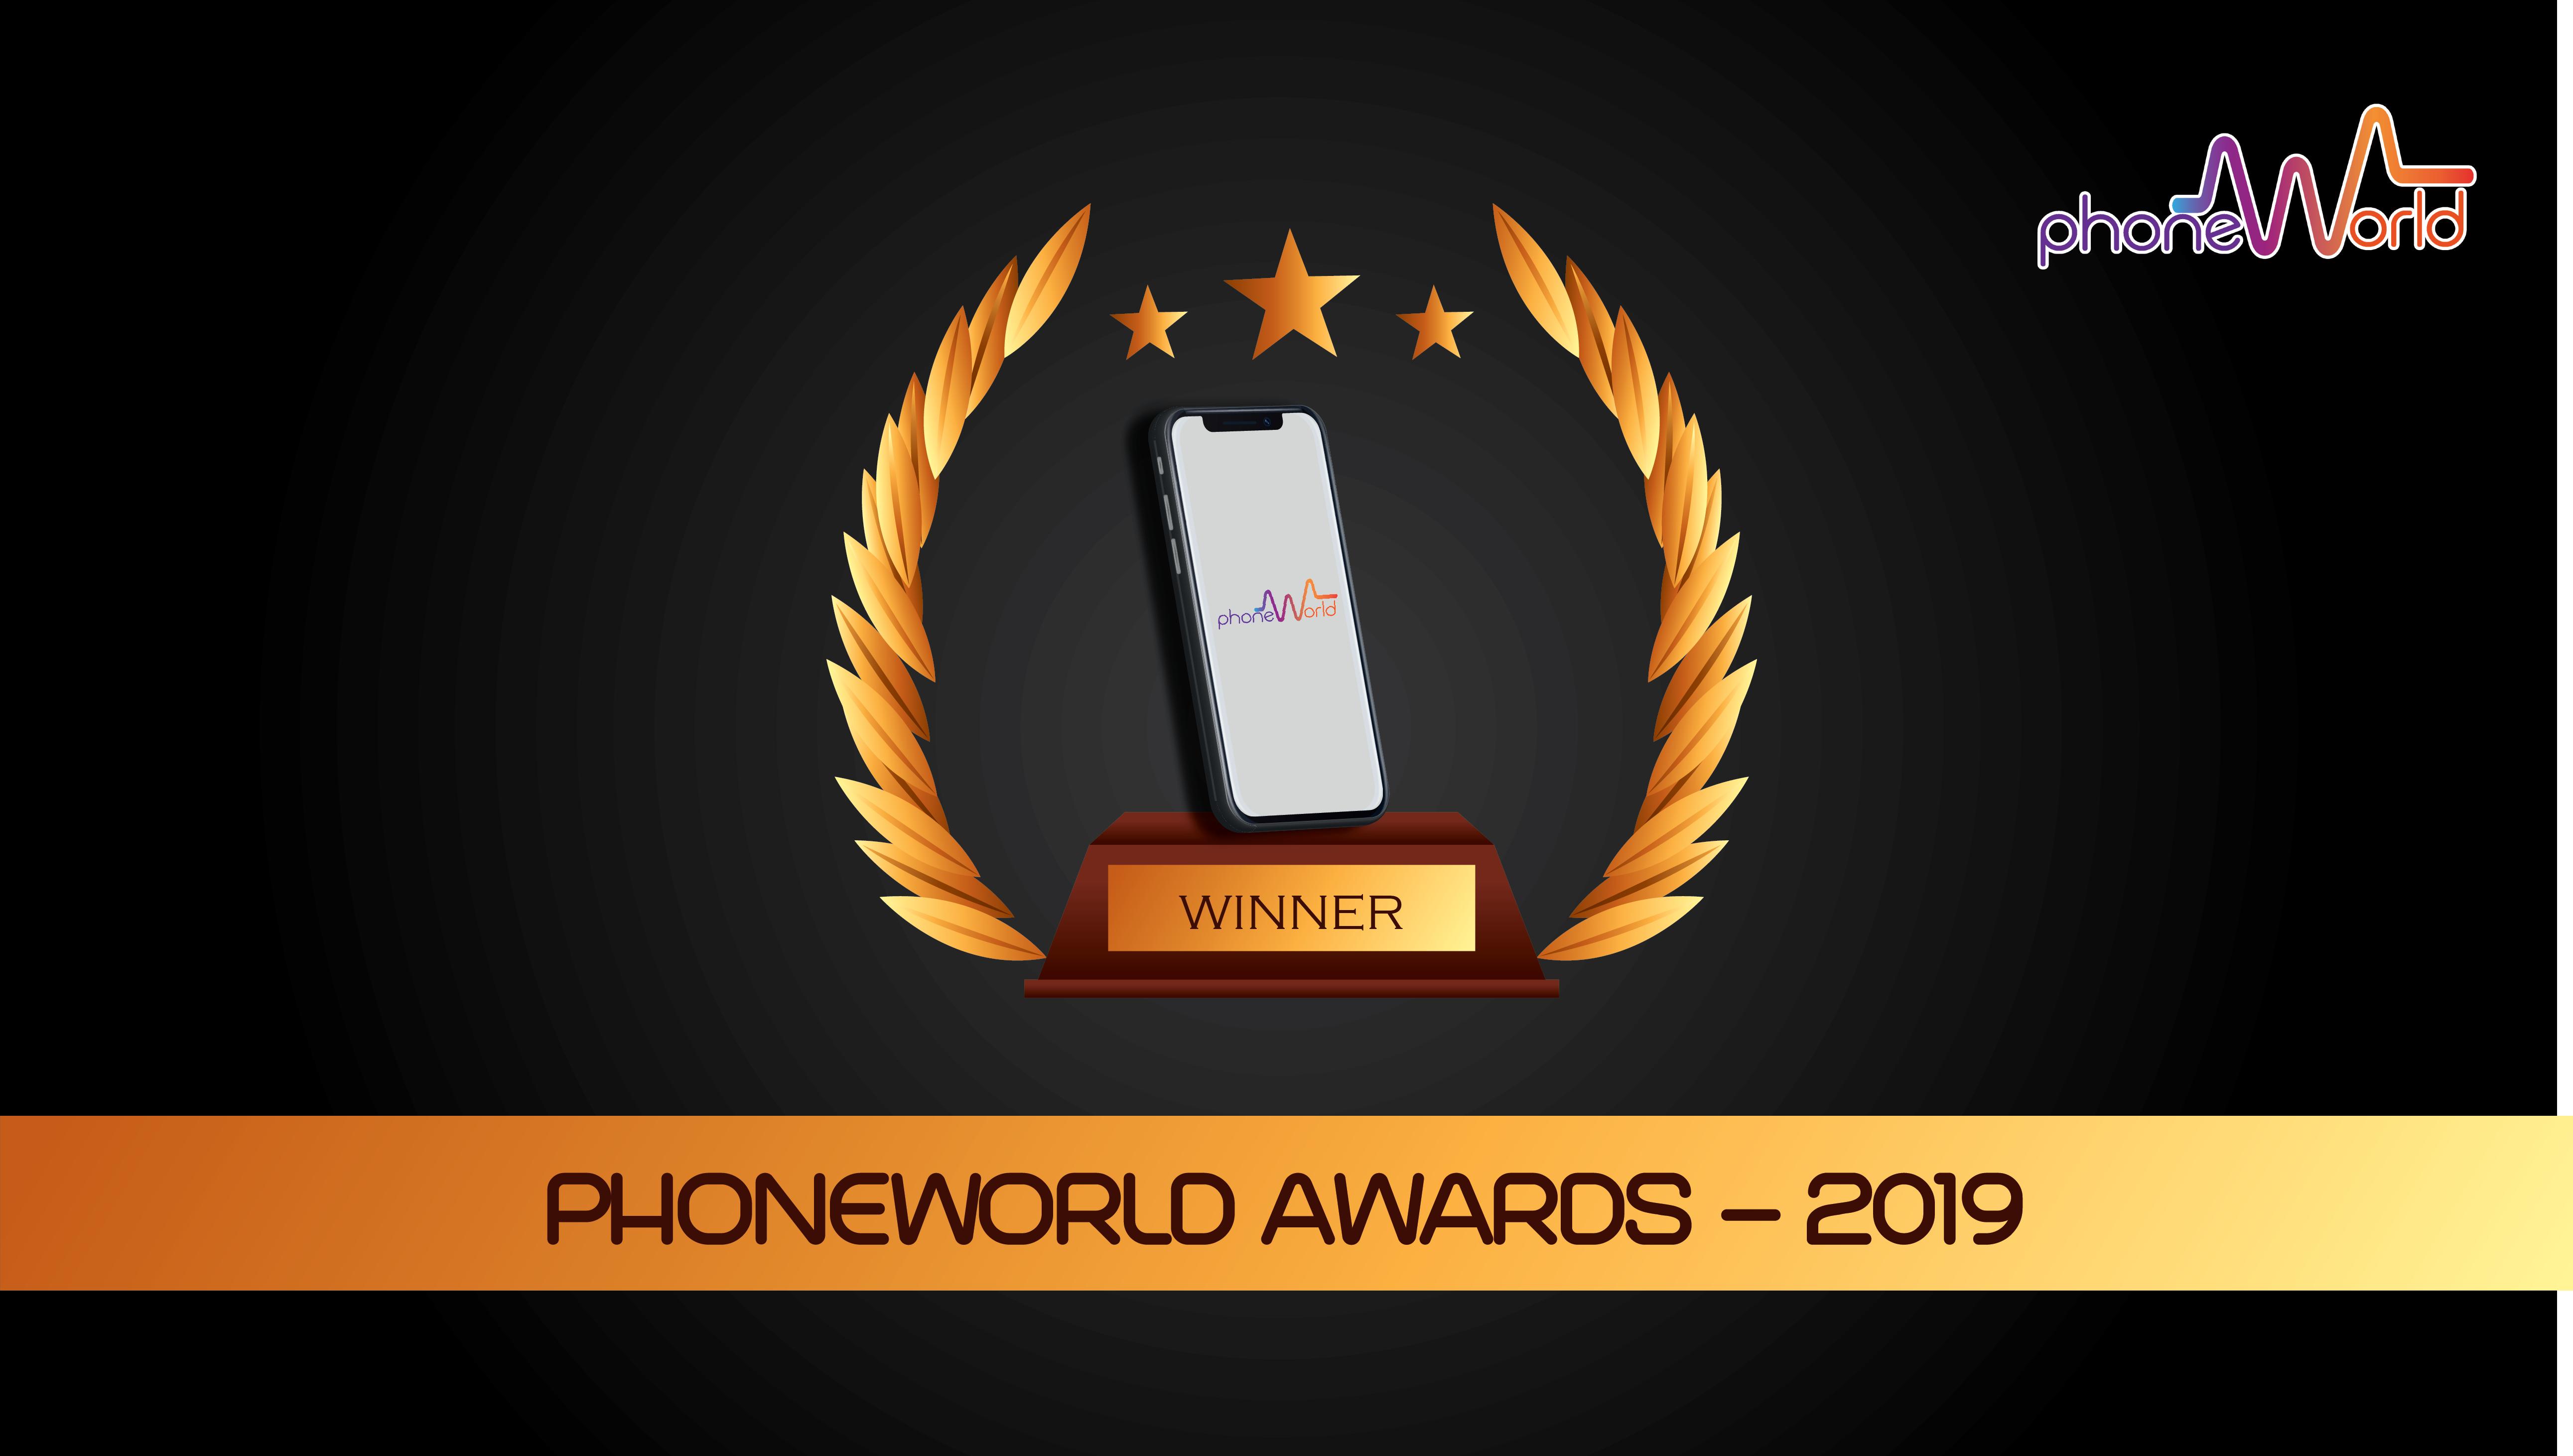 phoneworld awards 2019